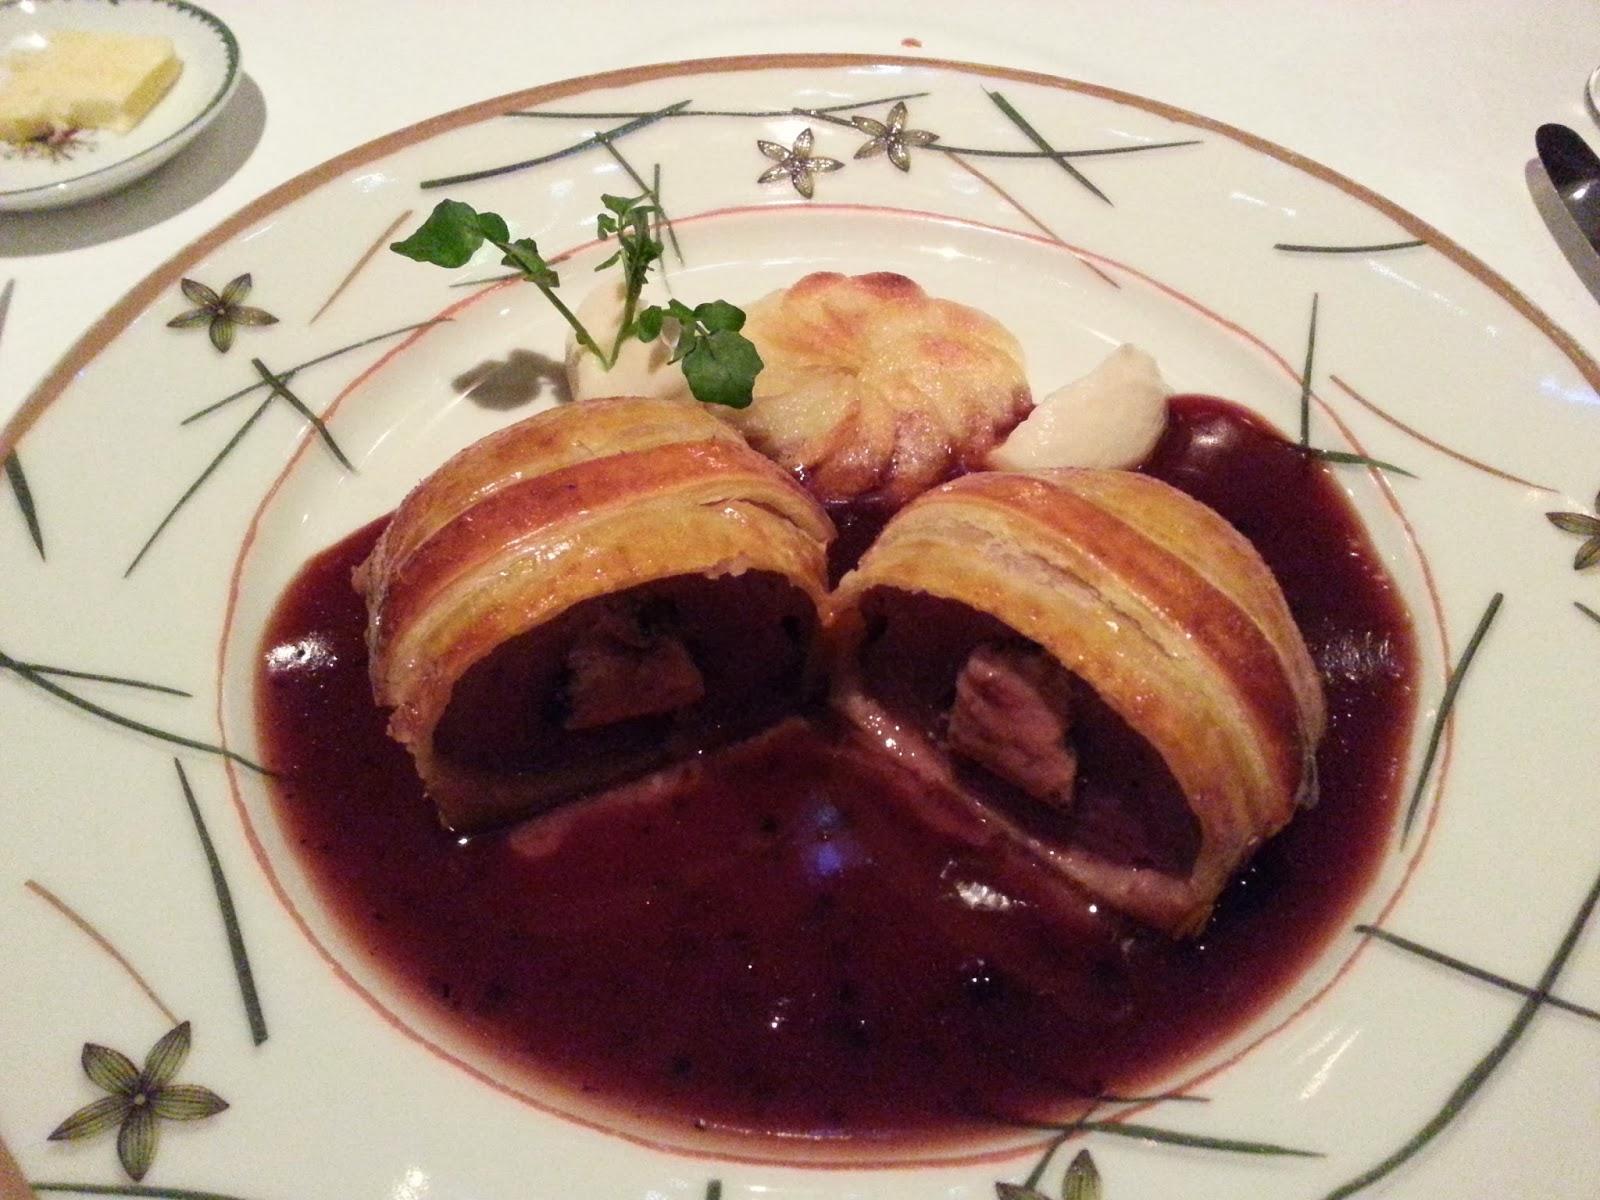 Chef Inoue's most famous creation Noisette d'agneau en eroute Maria Callas (Lamb Pie Maria Callas Style)